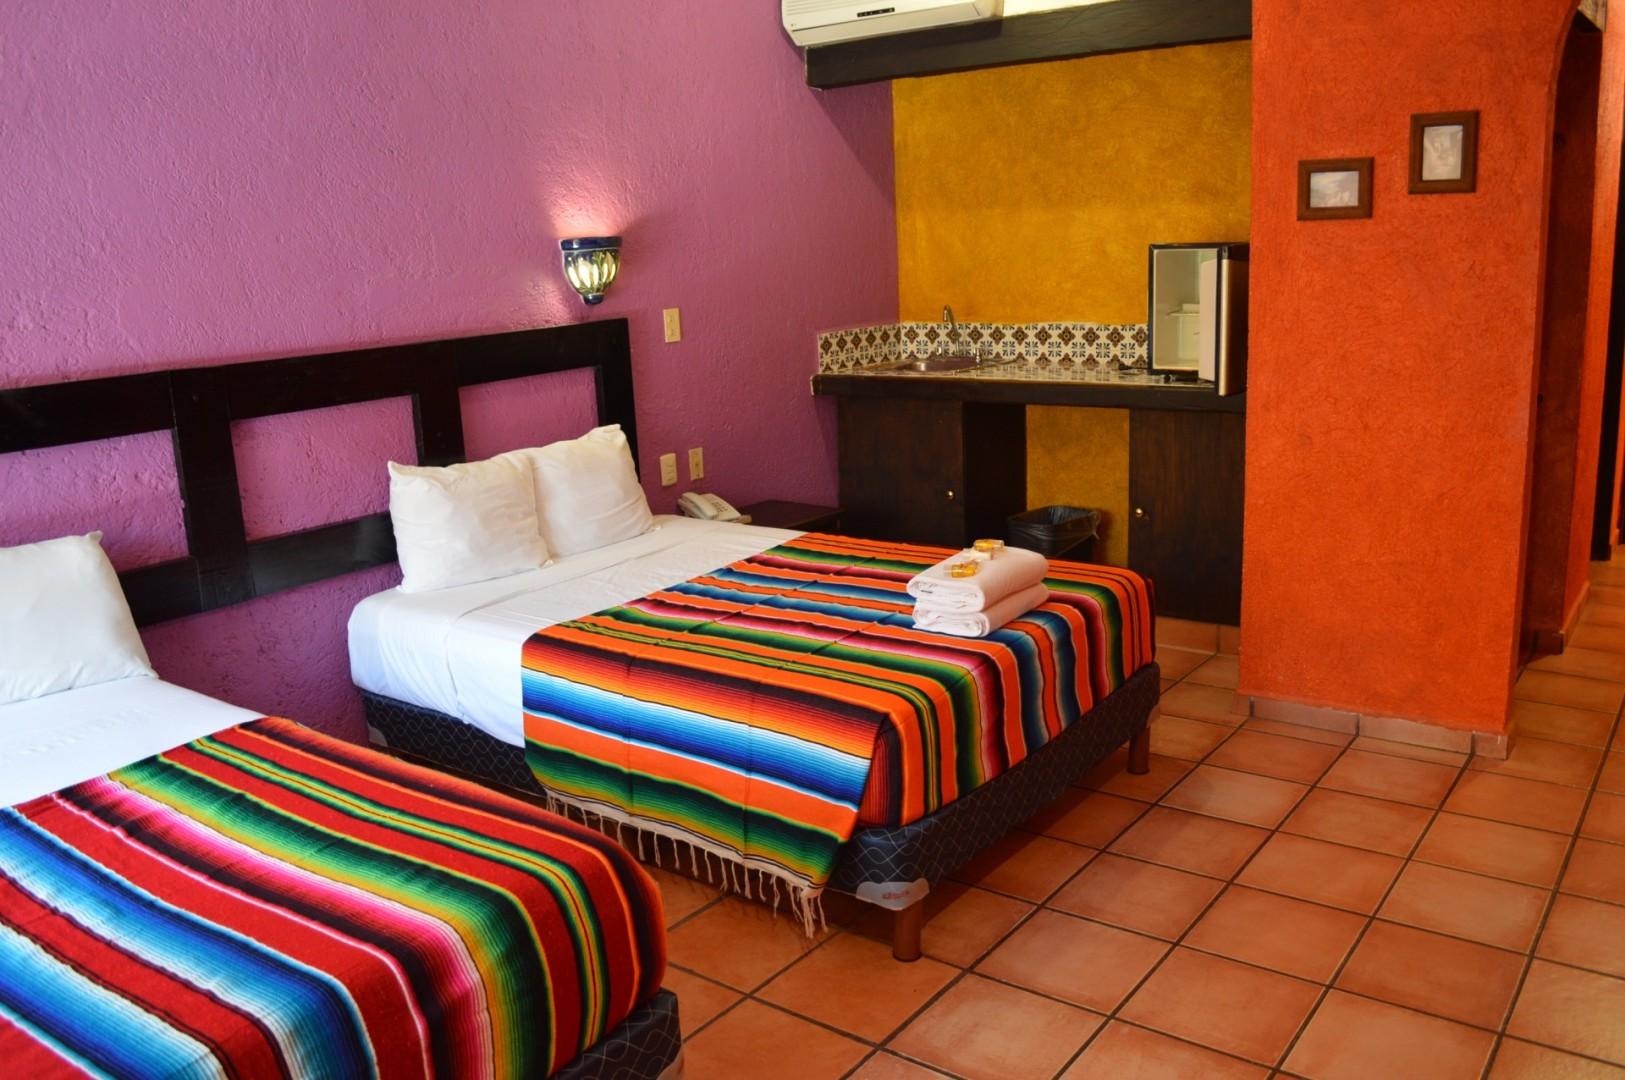 Fotos del hotel hacienda 3 rios 4